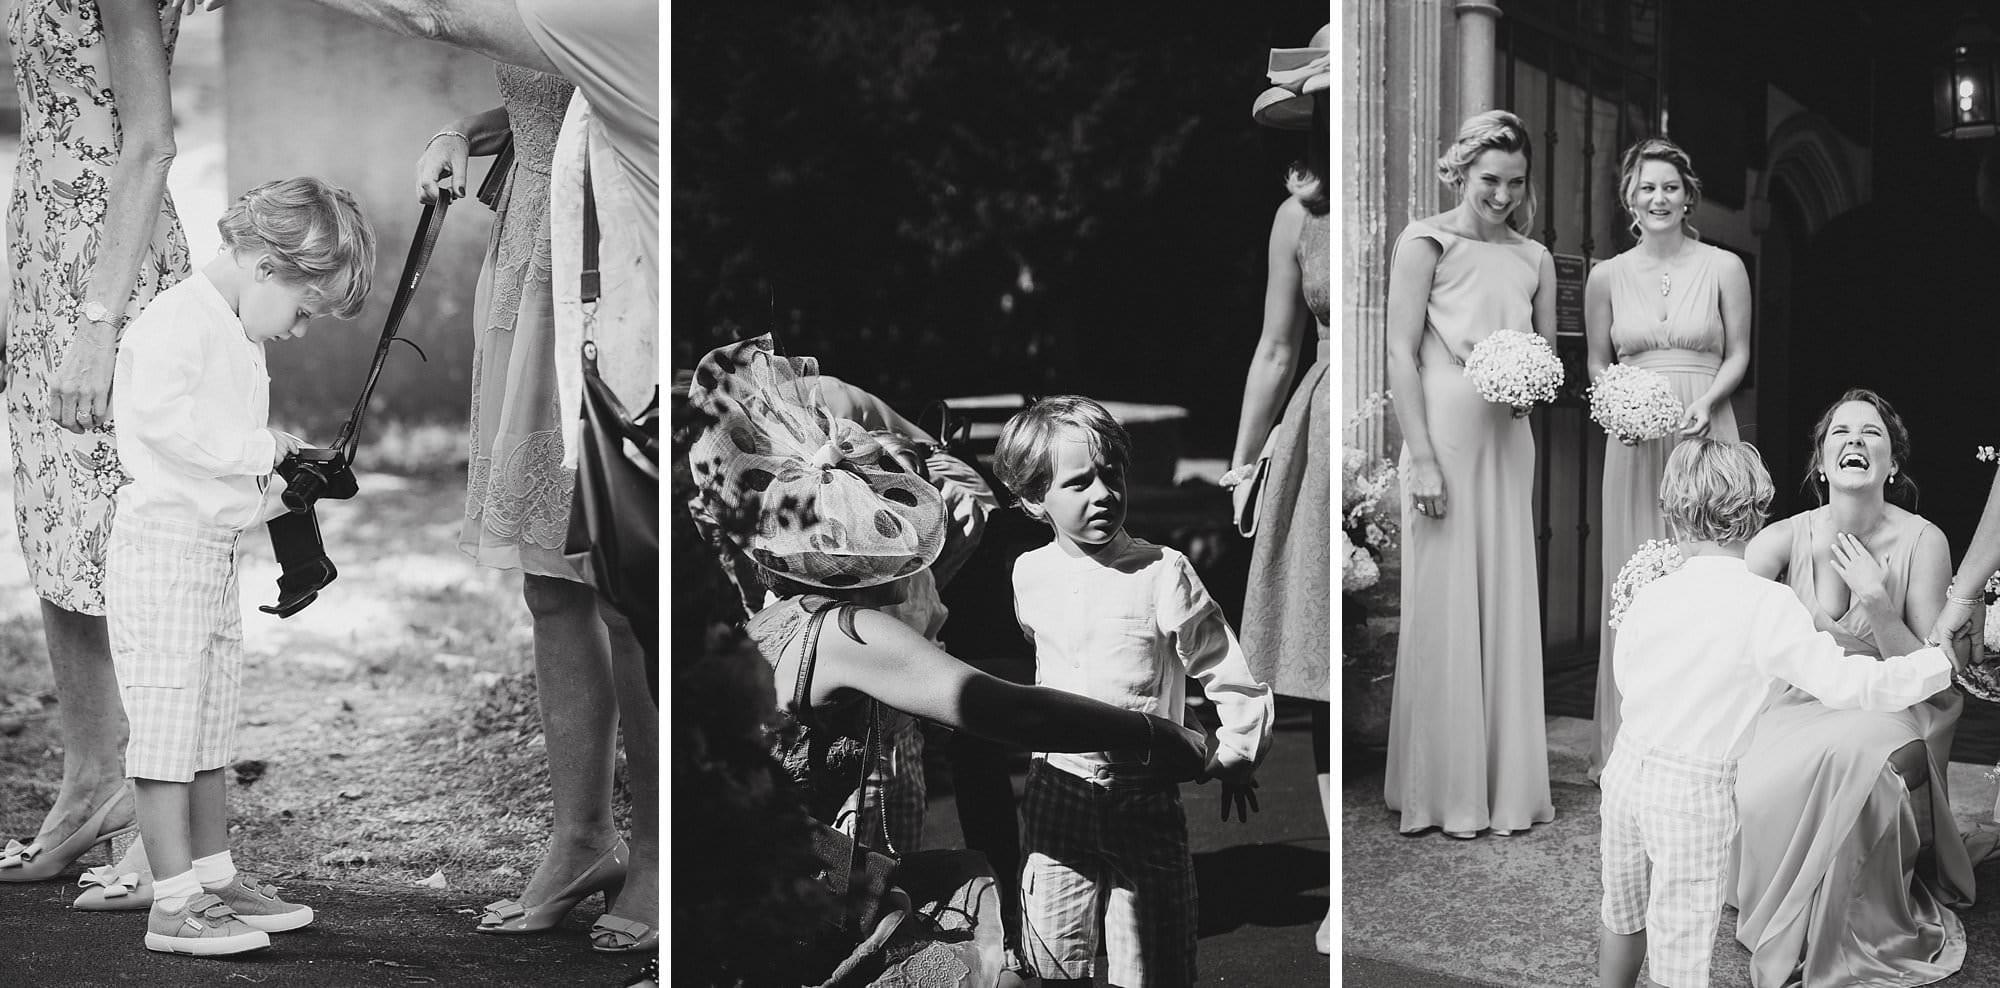 fulham palace wedding photographer 027 - Rosanna + Duncan | Fulham